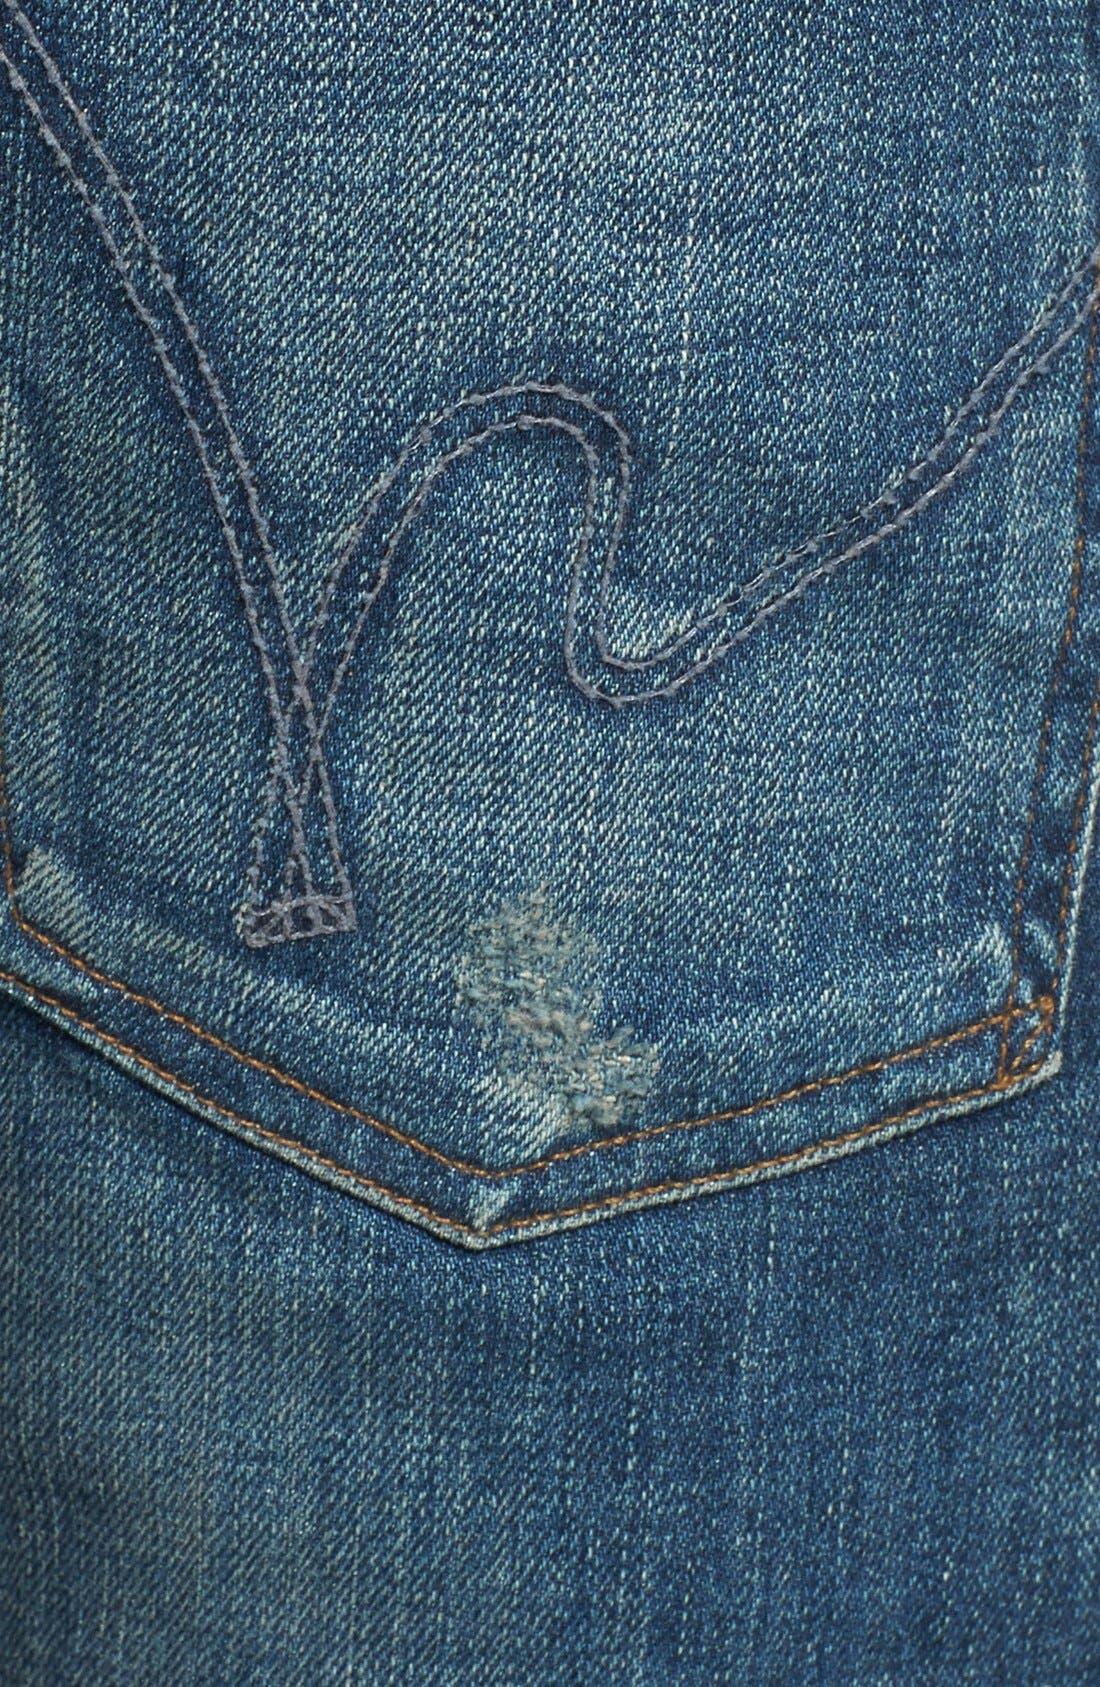 'Core' Slim Fit Jeans,                             Alternate thumbnail 3, color,                             MORRISON